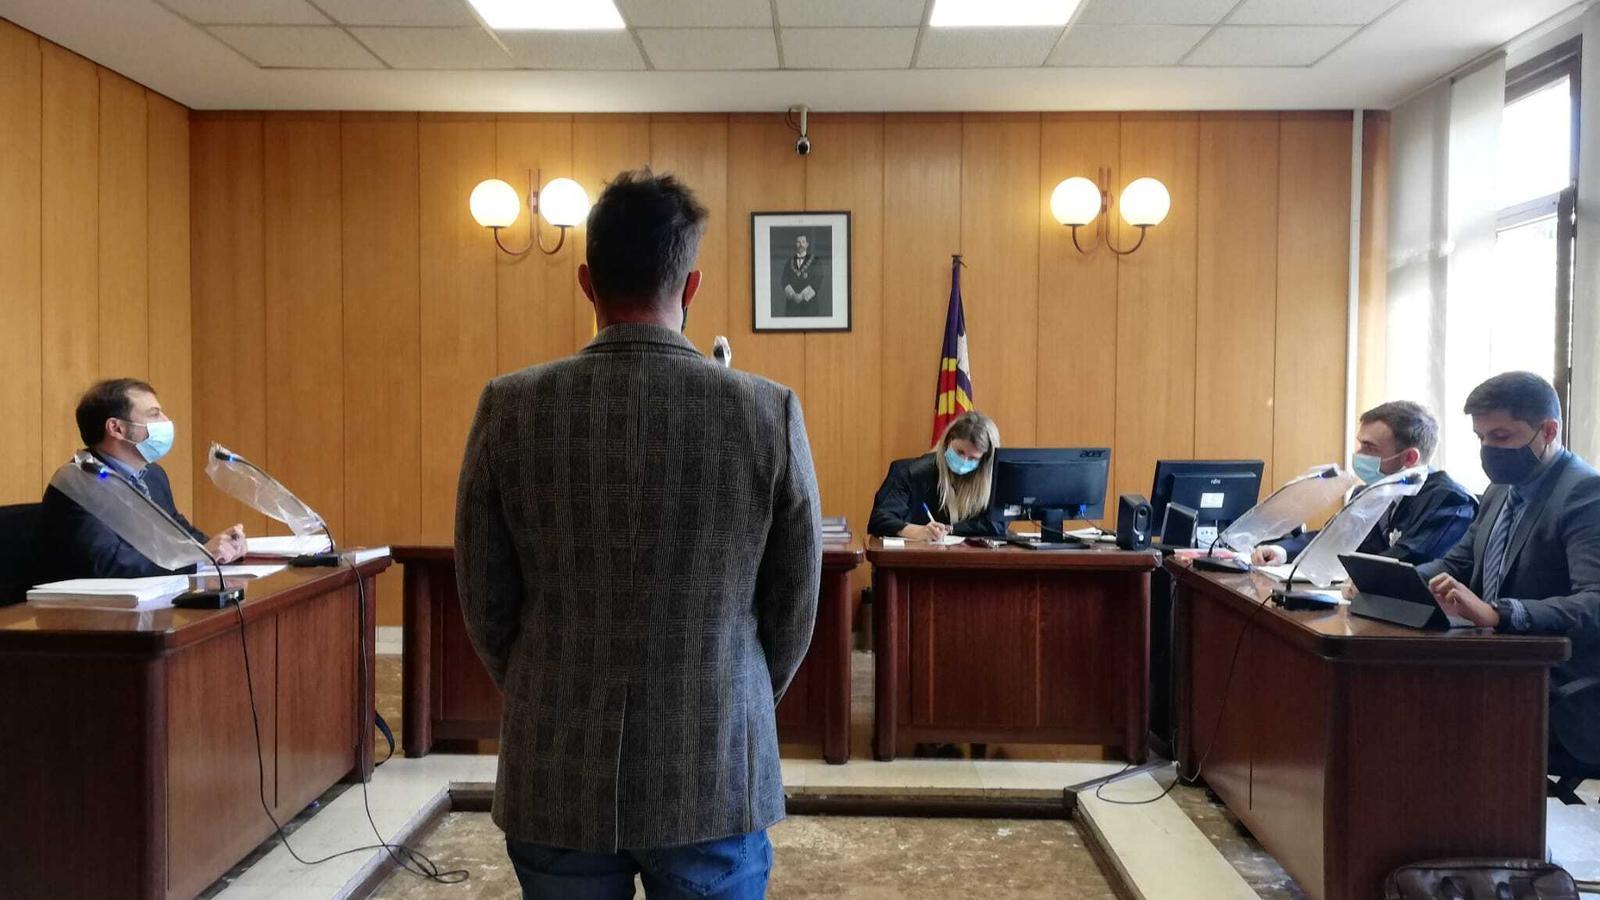 Jutgen el fill de Cursach per fer-se passar suposadament per un testimoni i acusar Penalva i Subirán de pressions